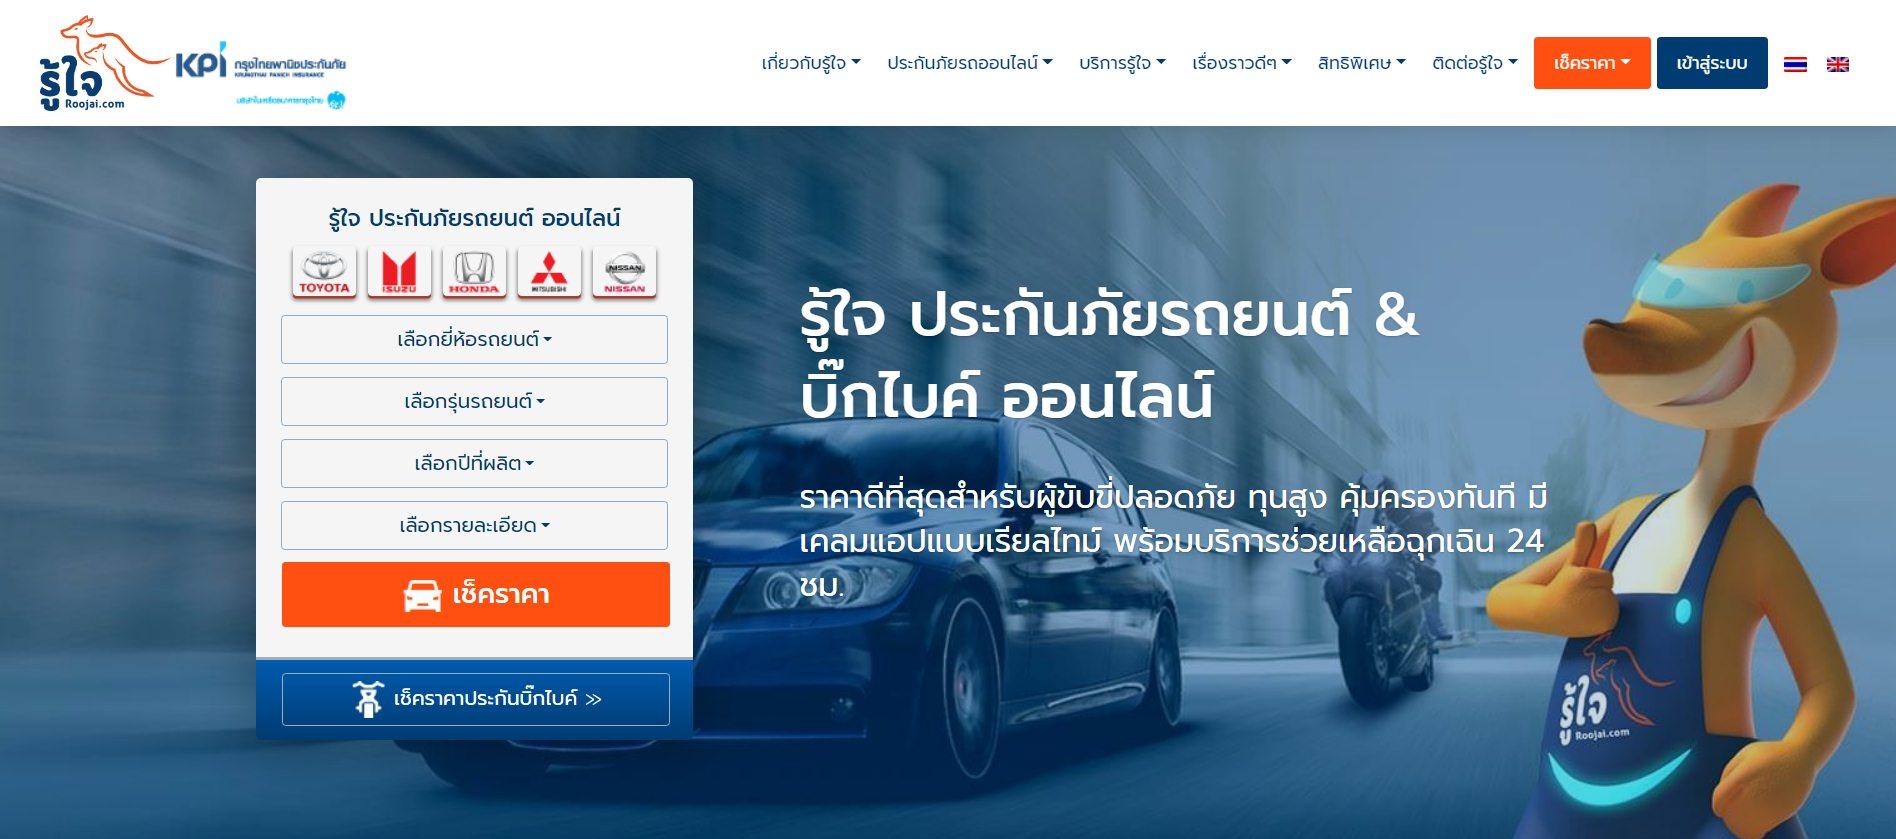 เช็คเบี้ยประกันรถฟรี ราคาดีที่สุดสำหรับผู้ขับขี่ปลอดภัย ทุนสูง คุ้มครองทันที มีเคลมแอปแบบเรียลไทม์ บริษัทประกันภัยรถยนต์ออนไลน์บริการช่วยเหลือฉุกเฉิน 24 ชม